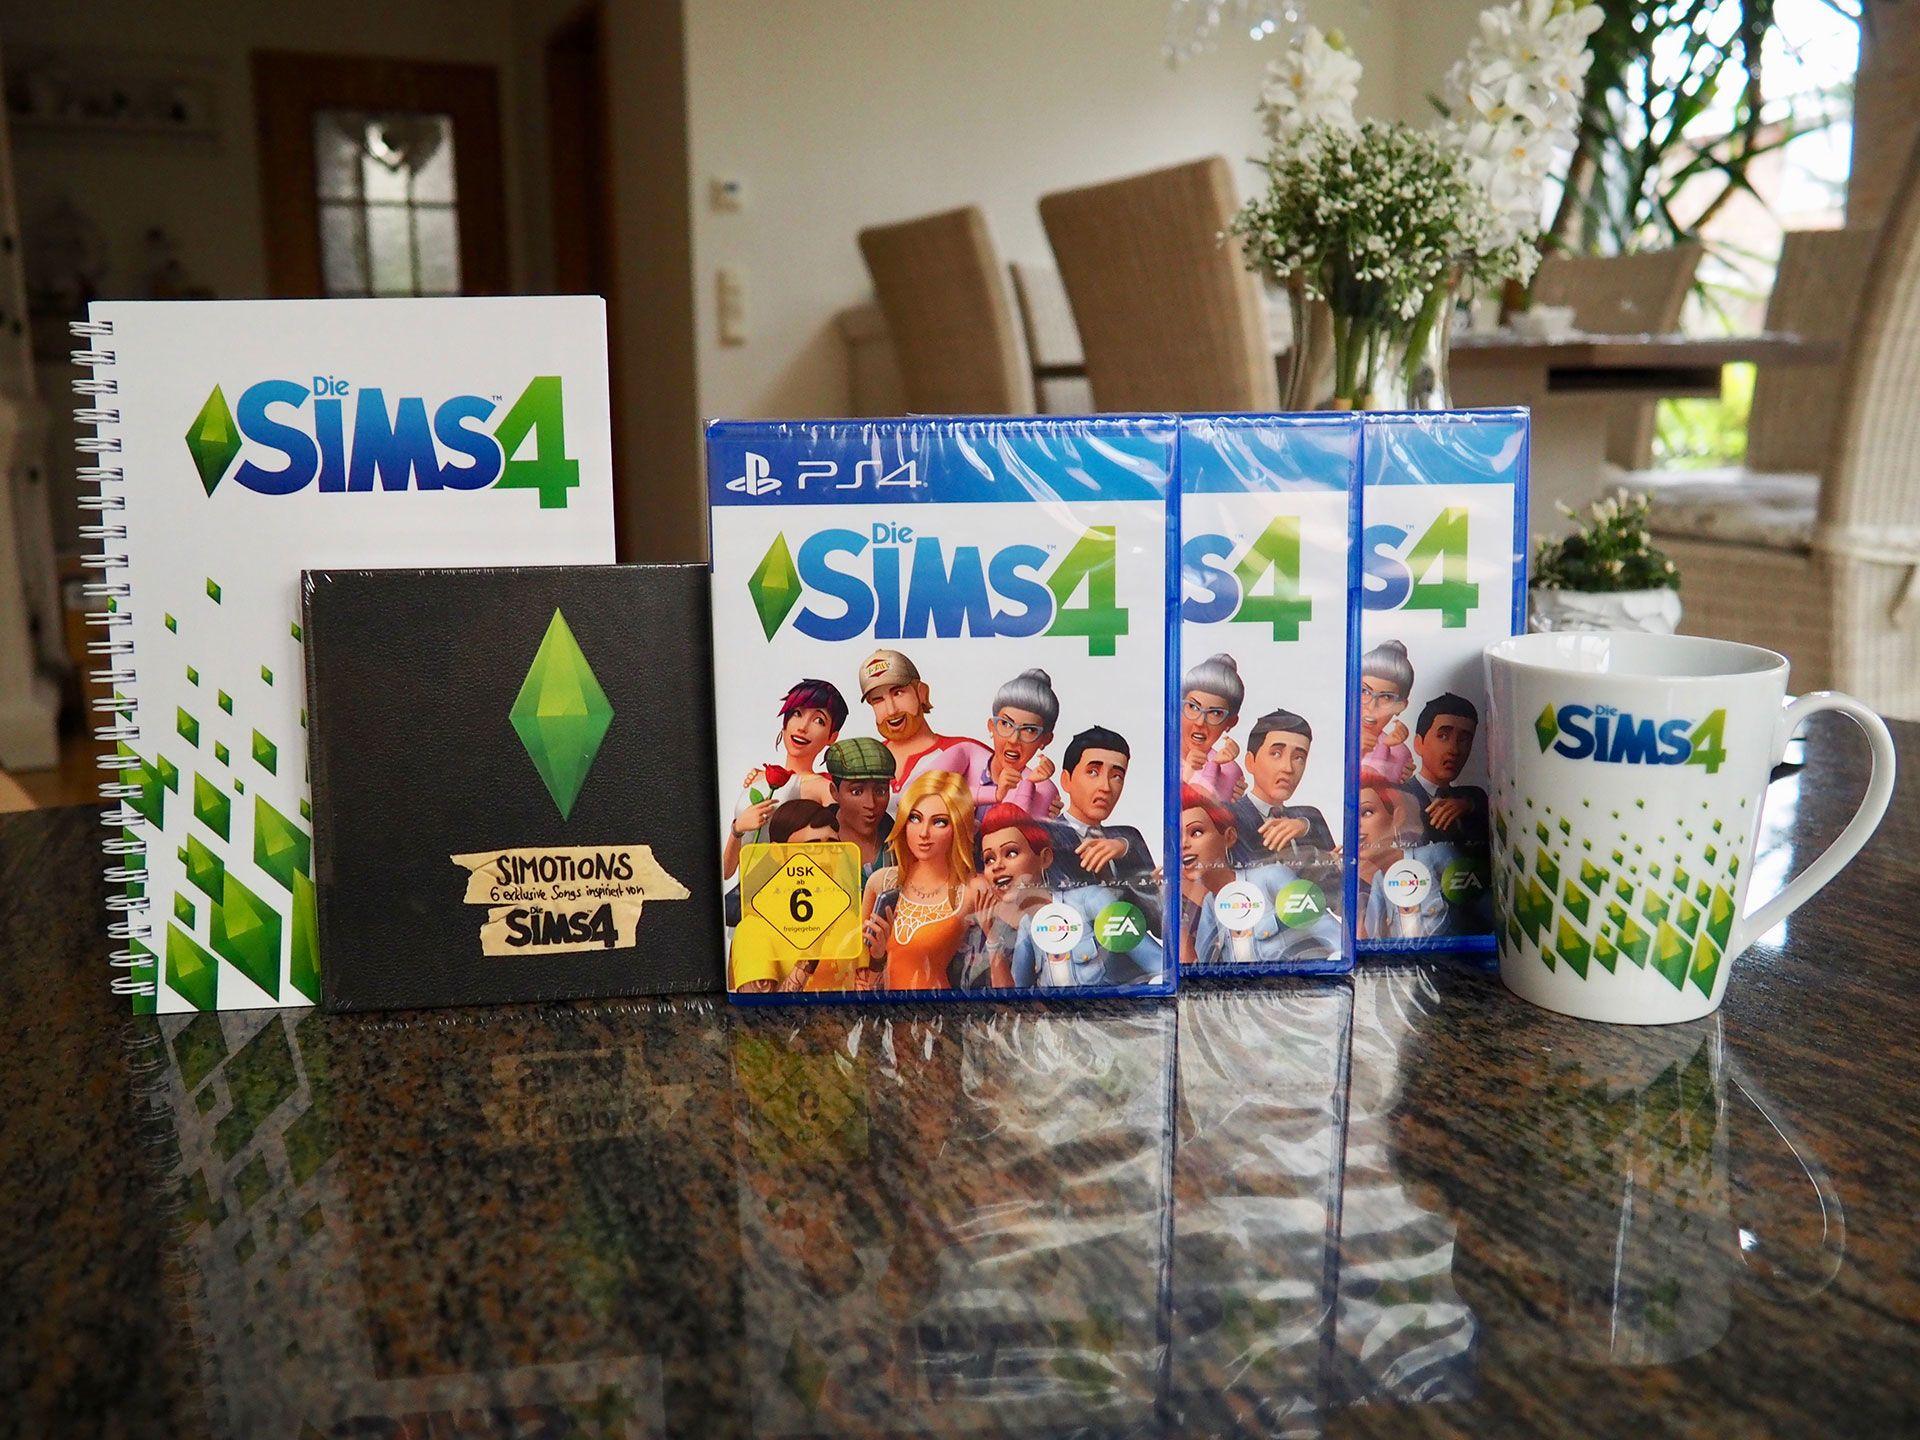 Die Sims 4 Merchandising